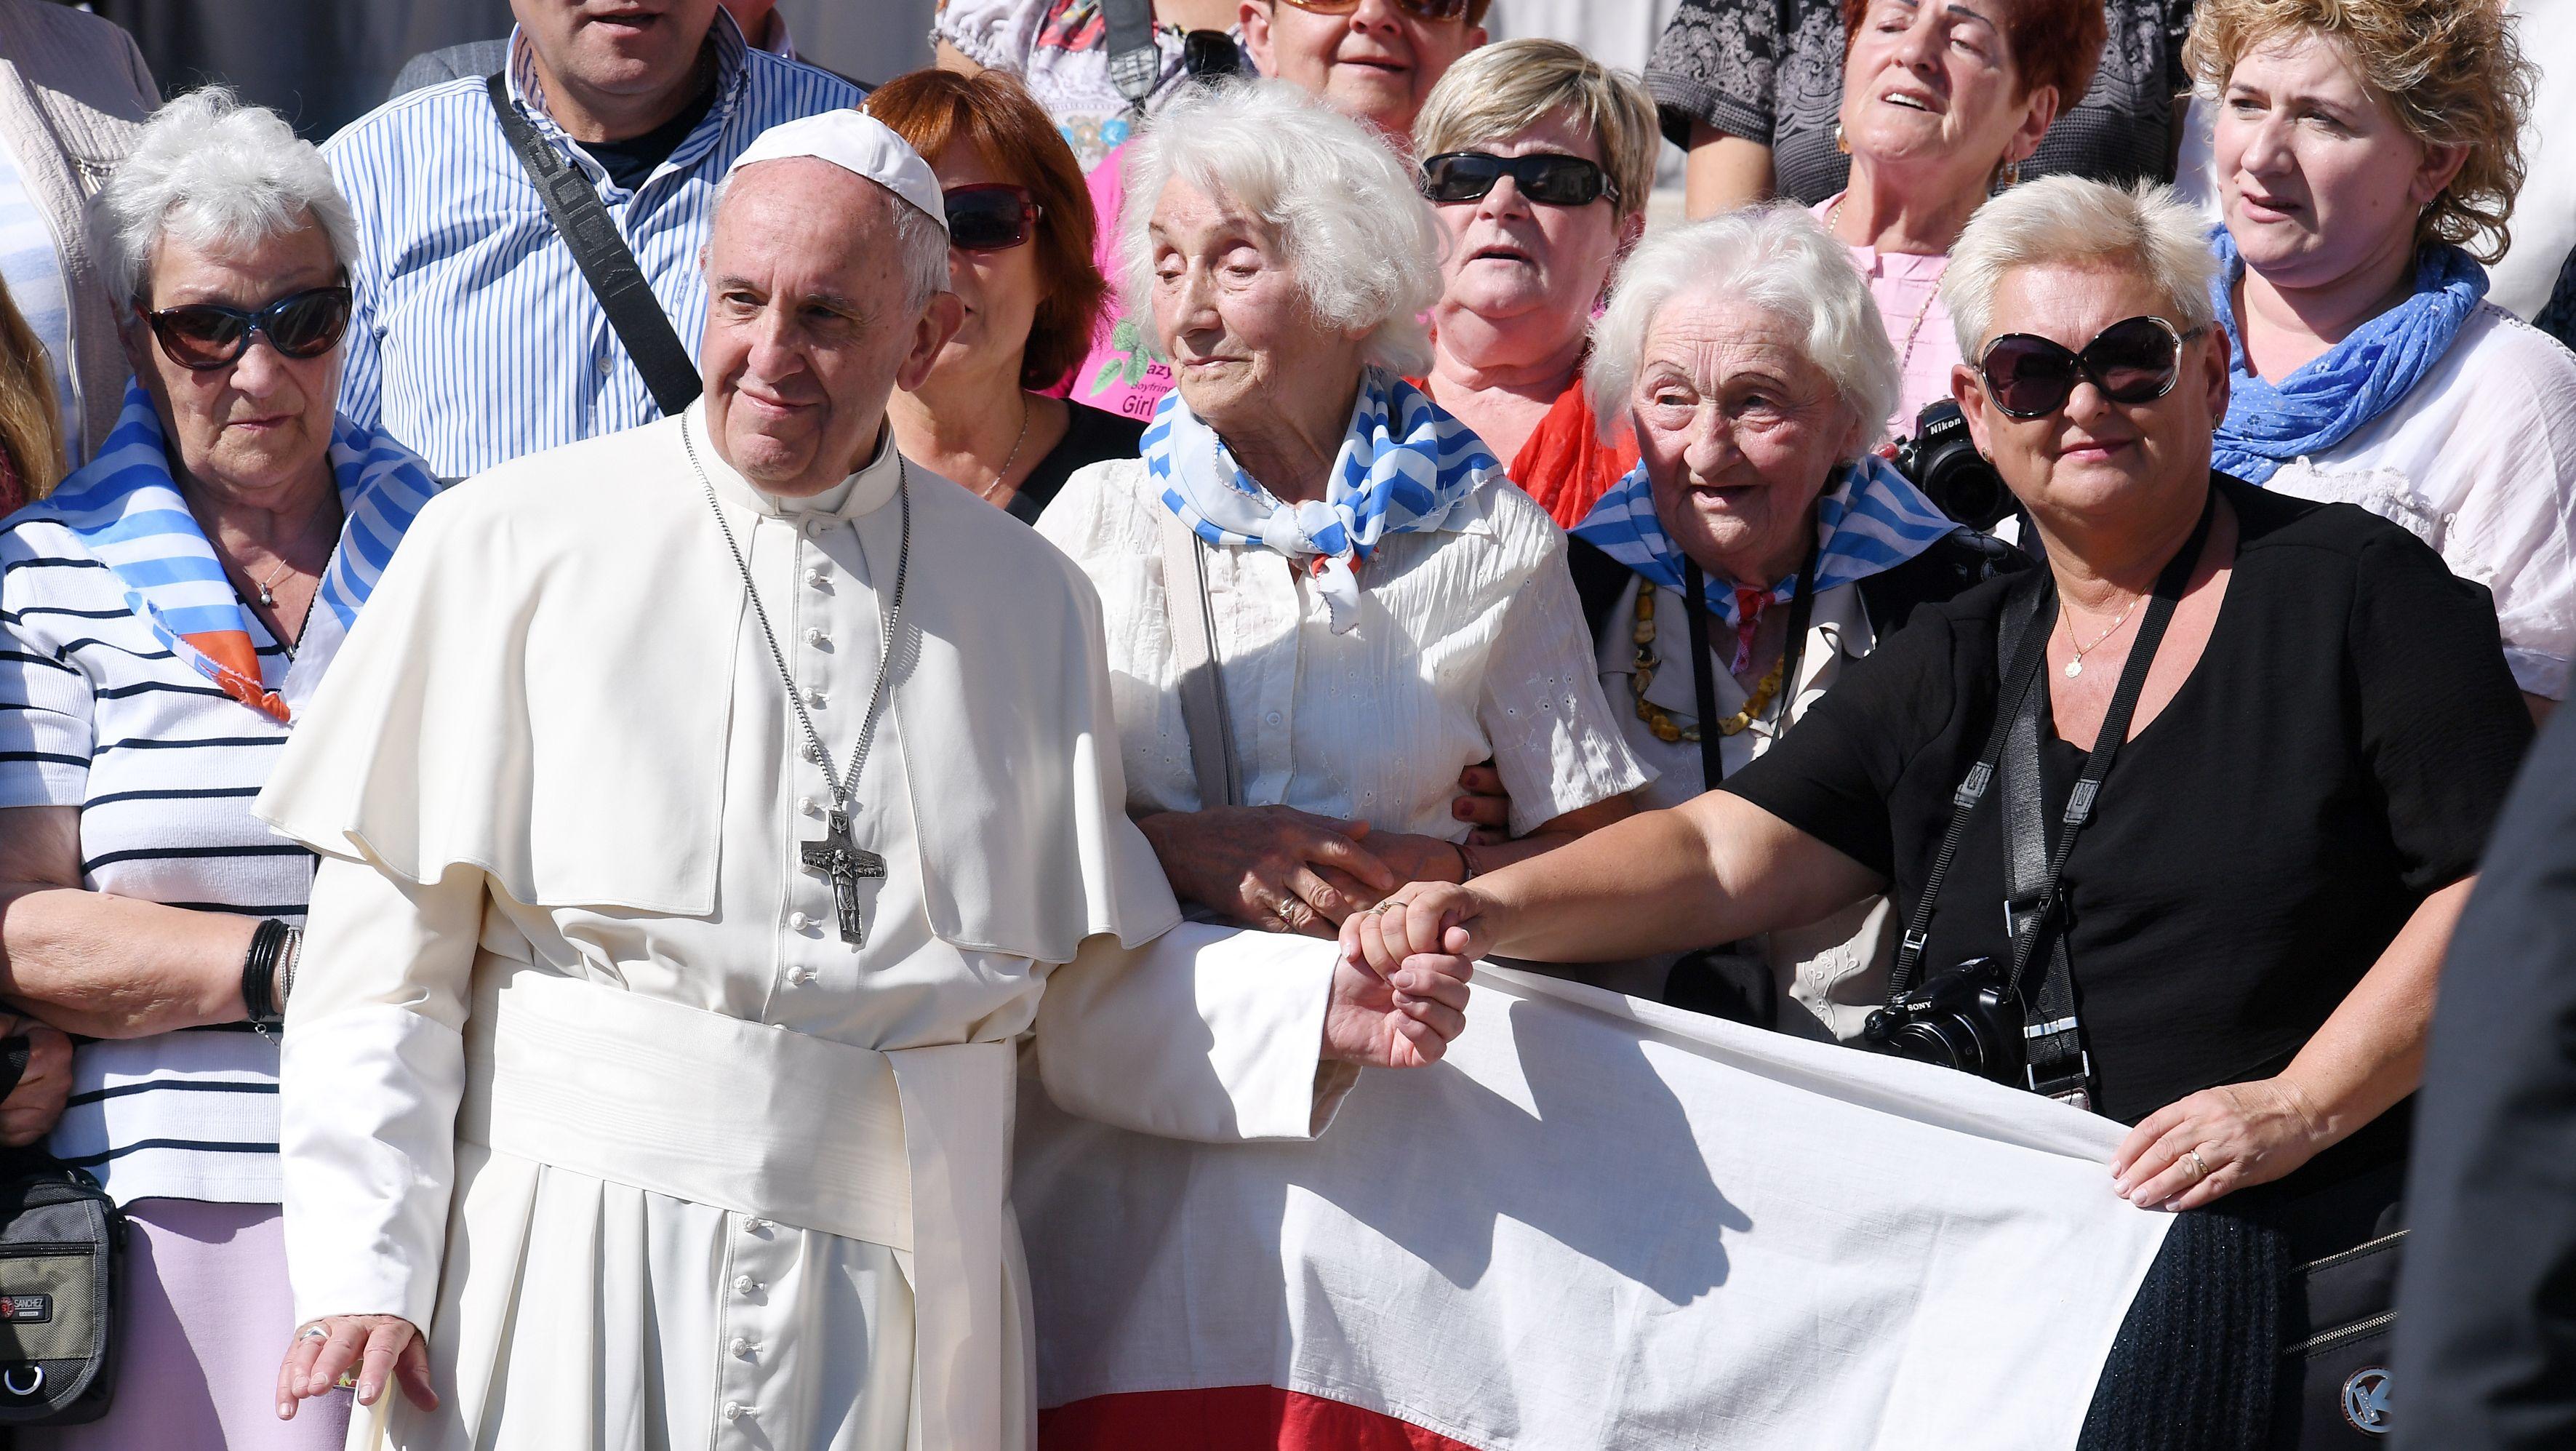 Papst Franziskus mit einer Gruppe von Frauen